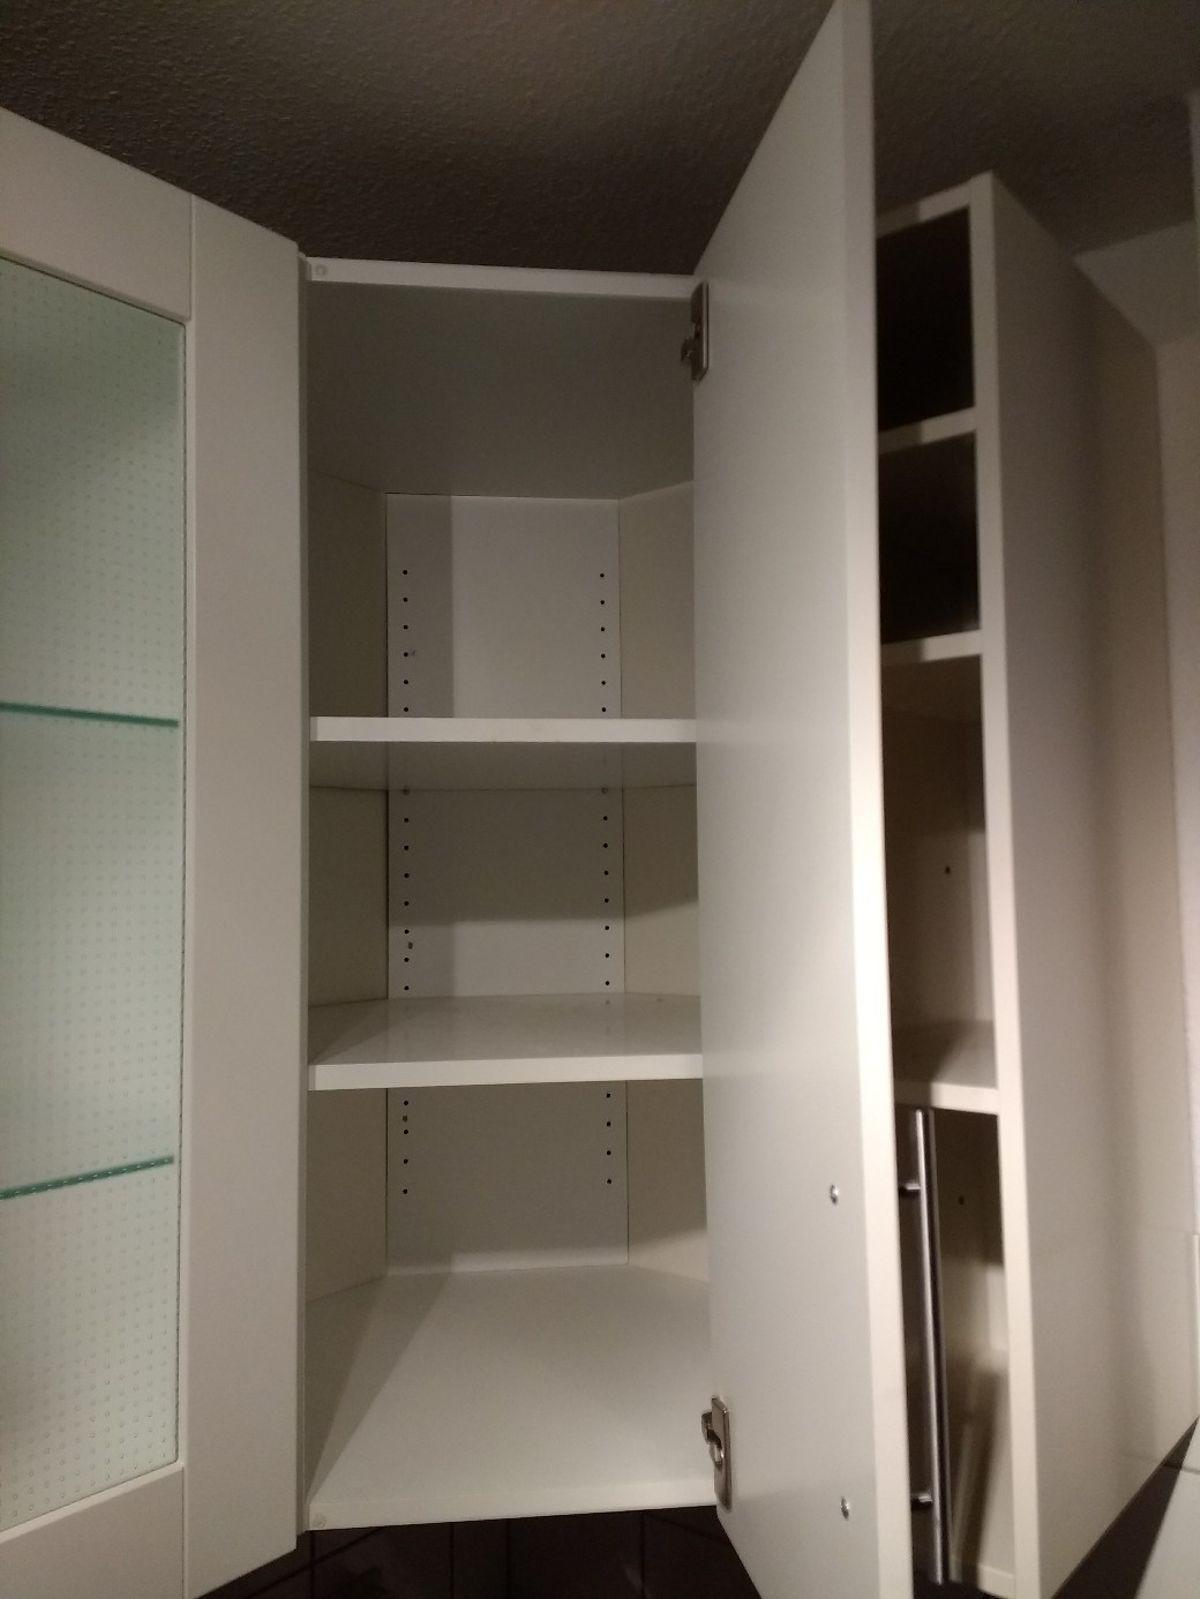 Eck Wohnwand Ikea